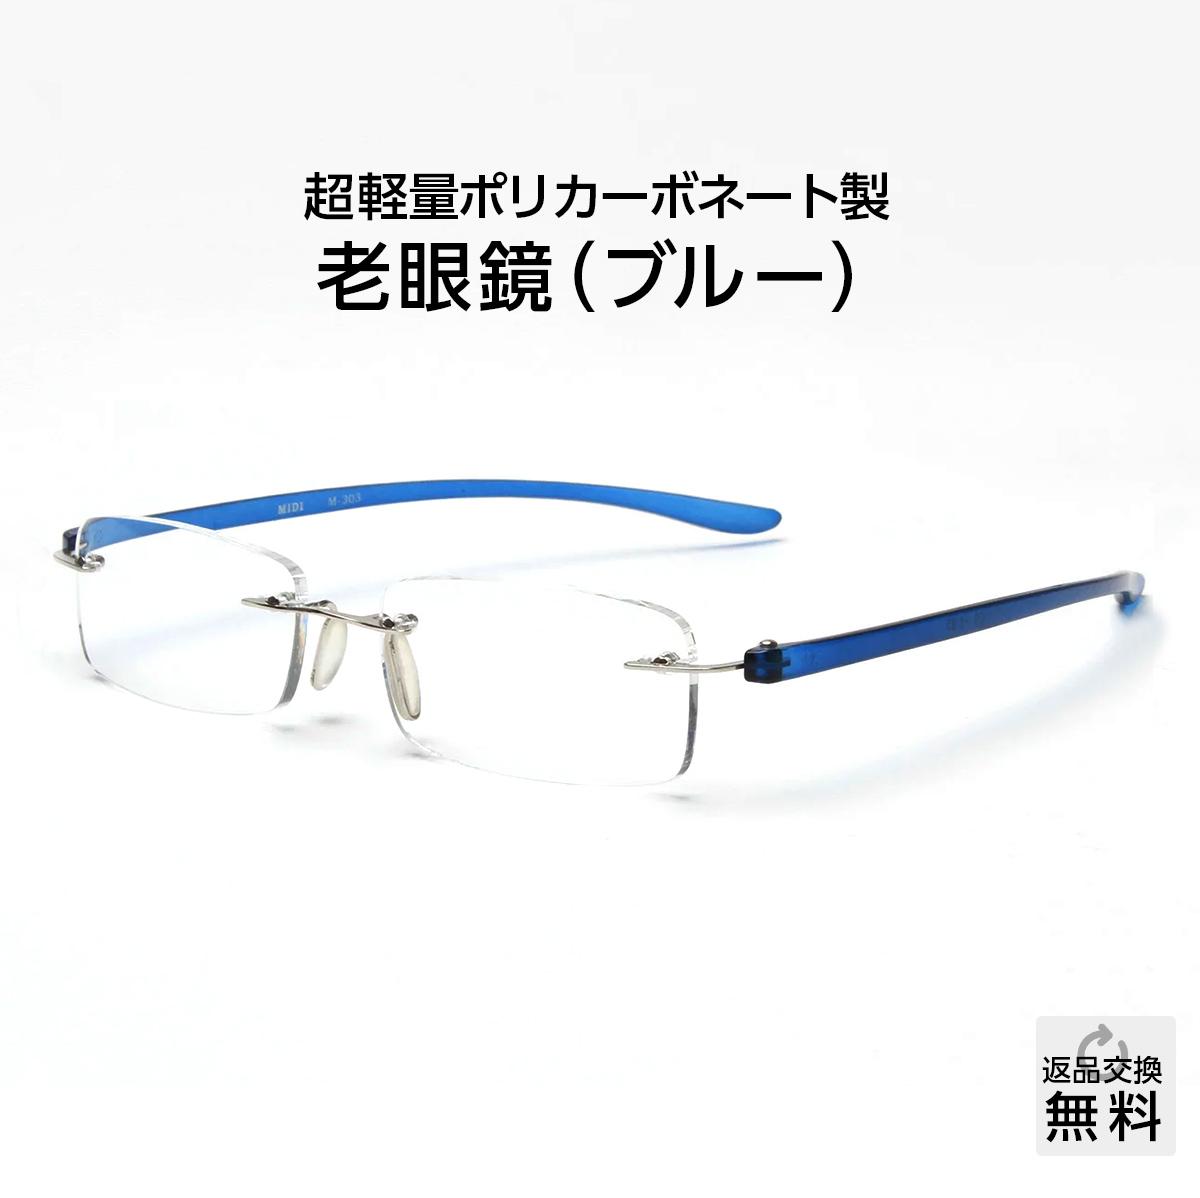 紫外線99%カット 快適 シンプルな使用感のメンズ老眼鏡 老眼鏡 おしゃれ 売り出し メンズ 紫外線カット 軽量 シニアグラス 老眼鏡に見えない ブルー リーディンググラス お得クーポン発行中 メガネ フチなし UV400